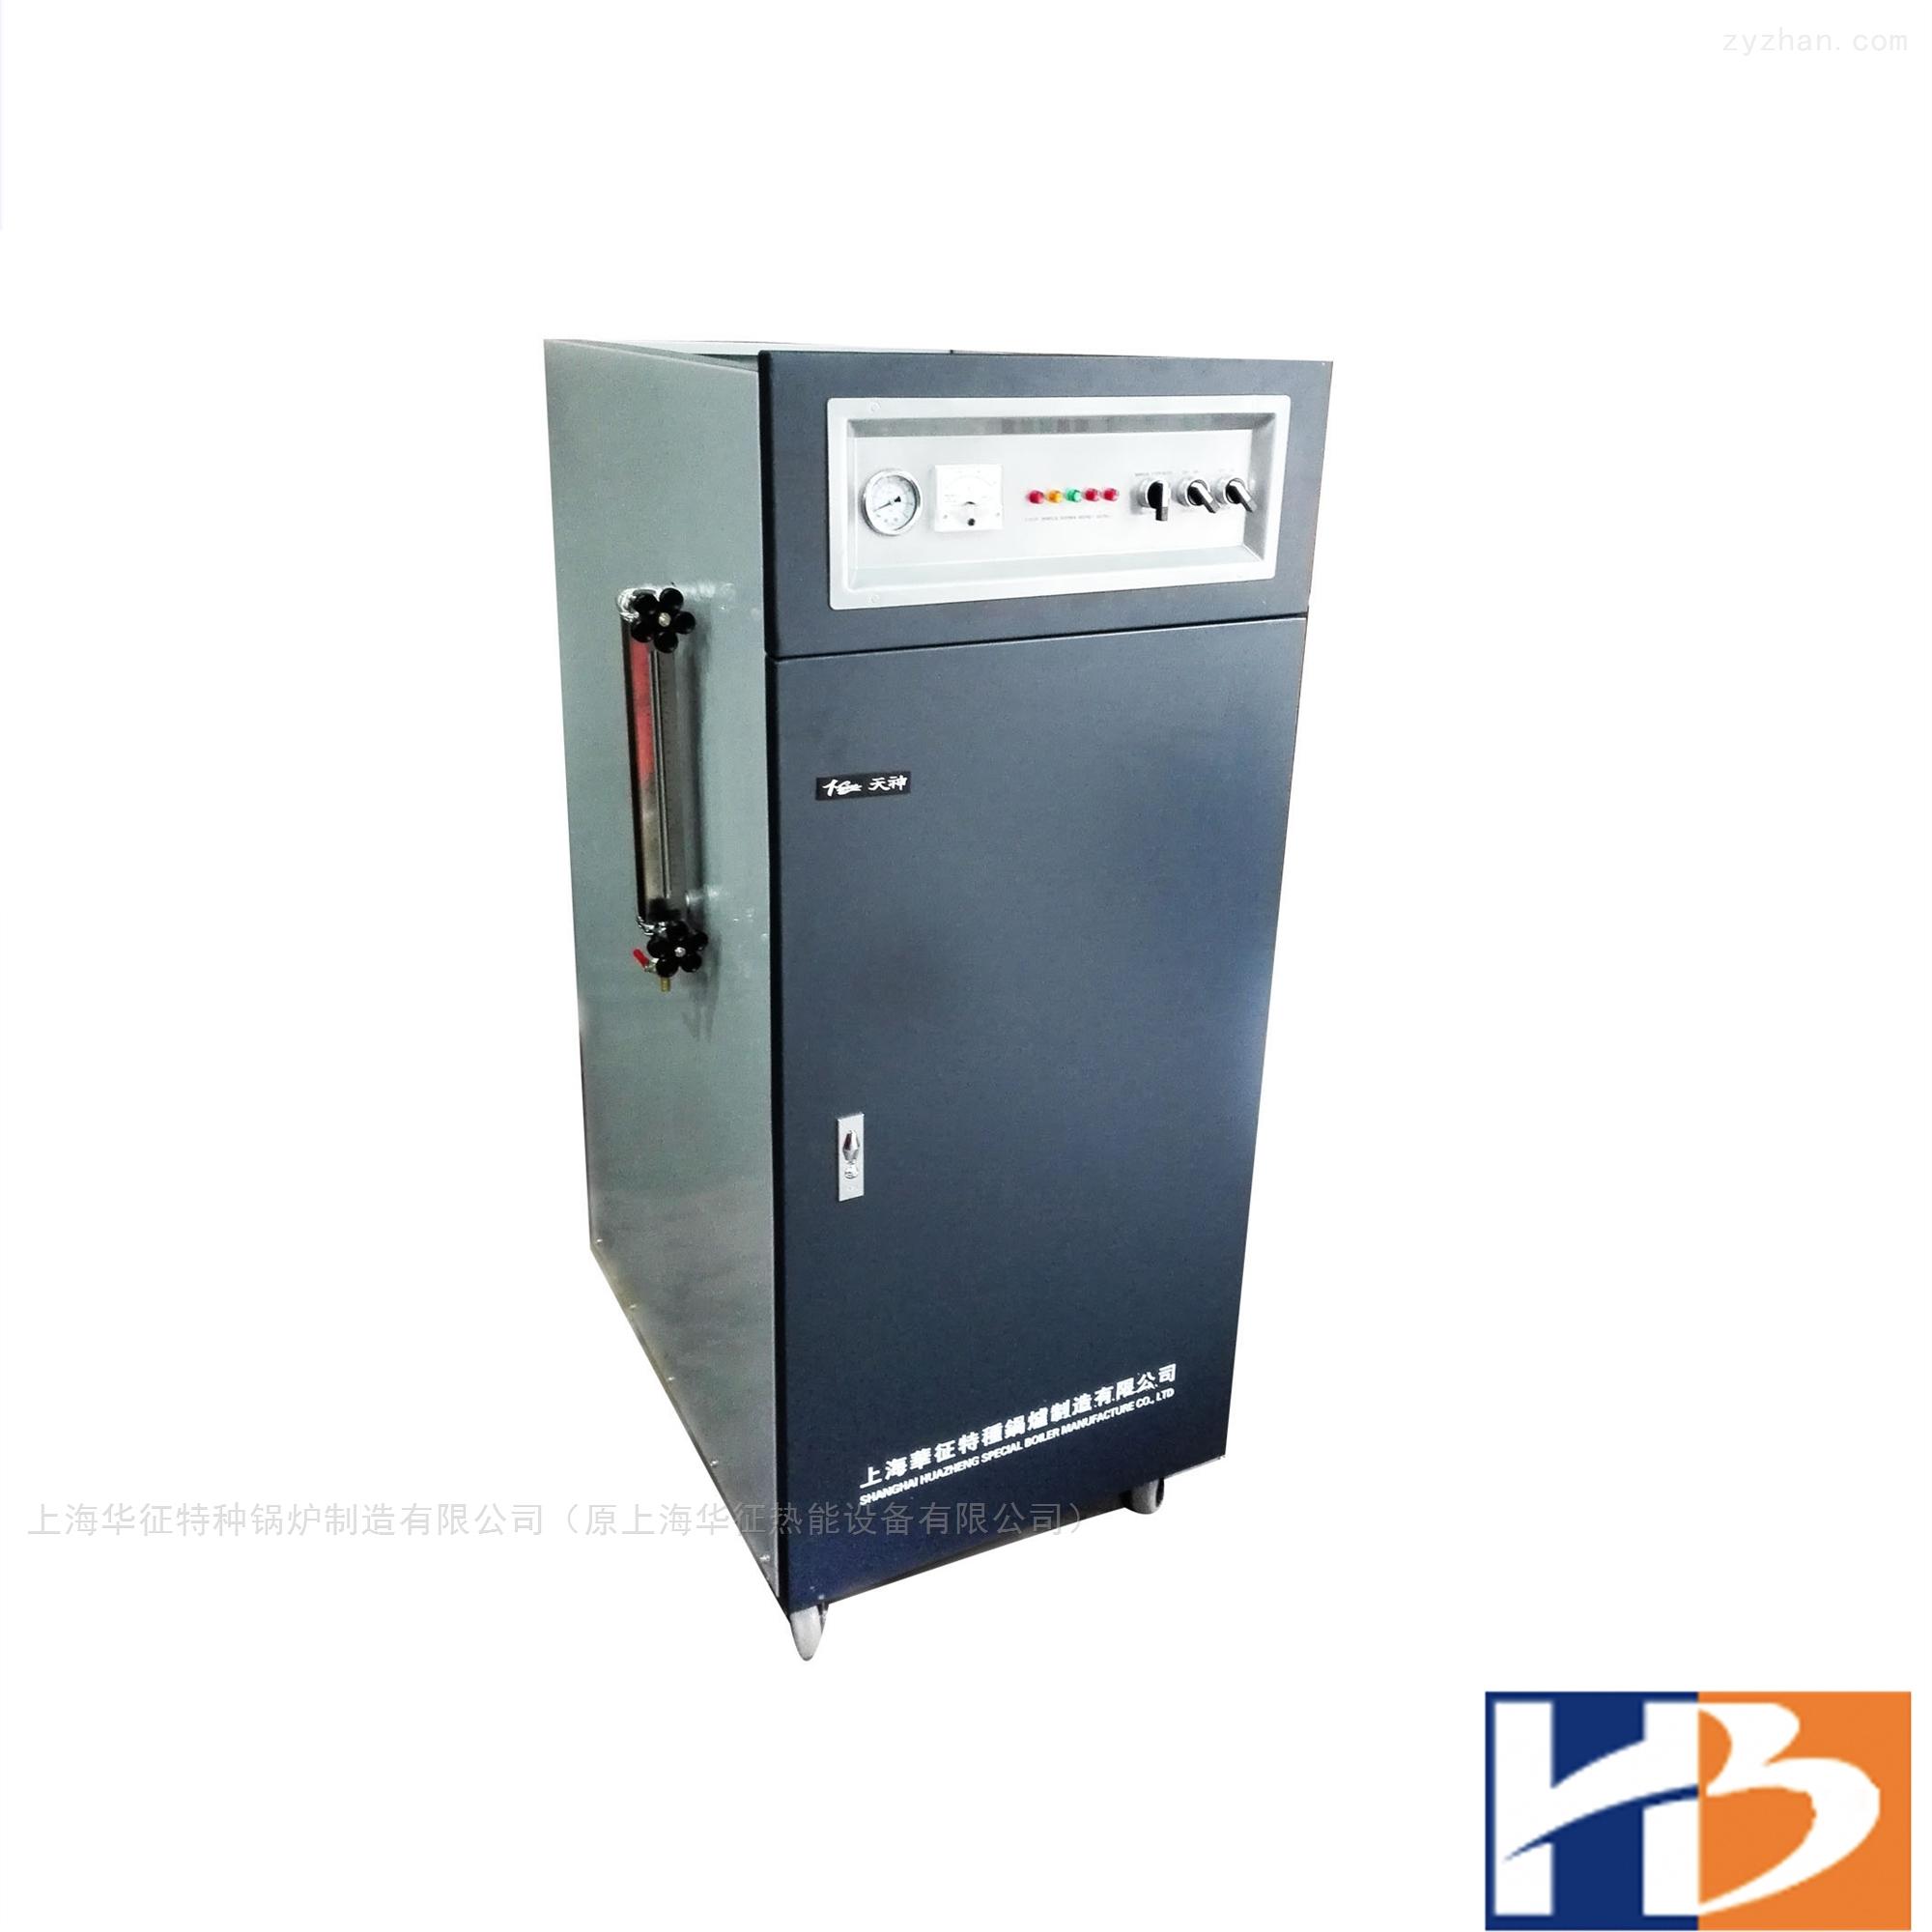 供应全自动蒸汽发生器、热水炉、蒸汽锅炉 HX-24D-0.7